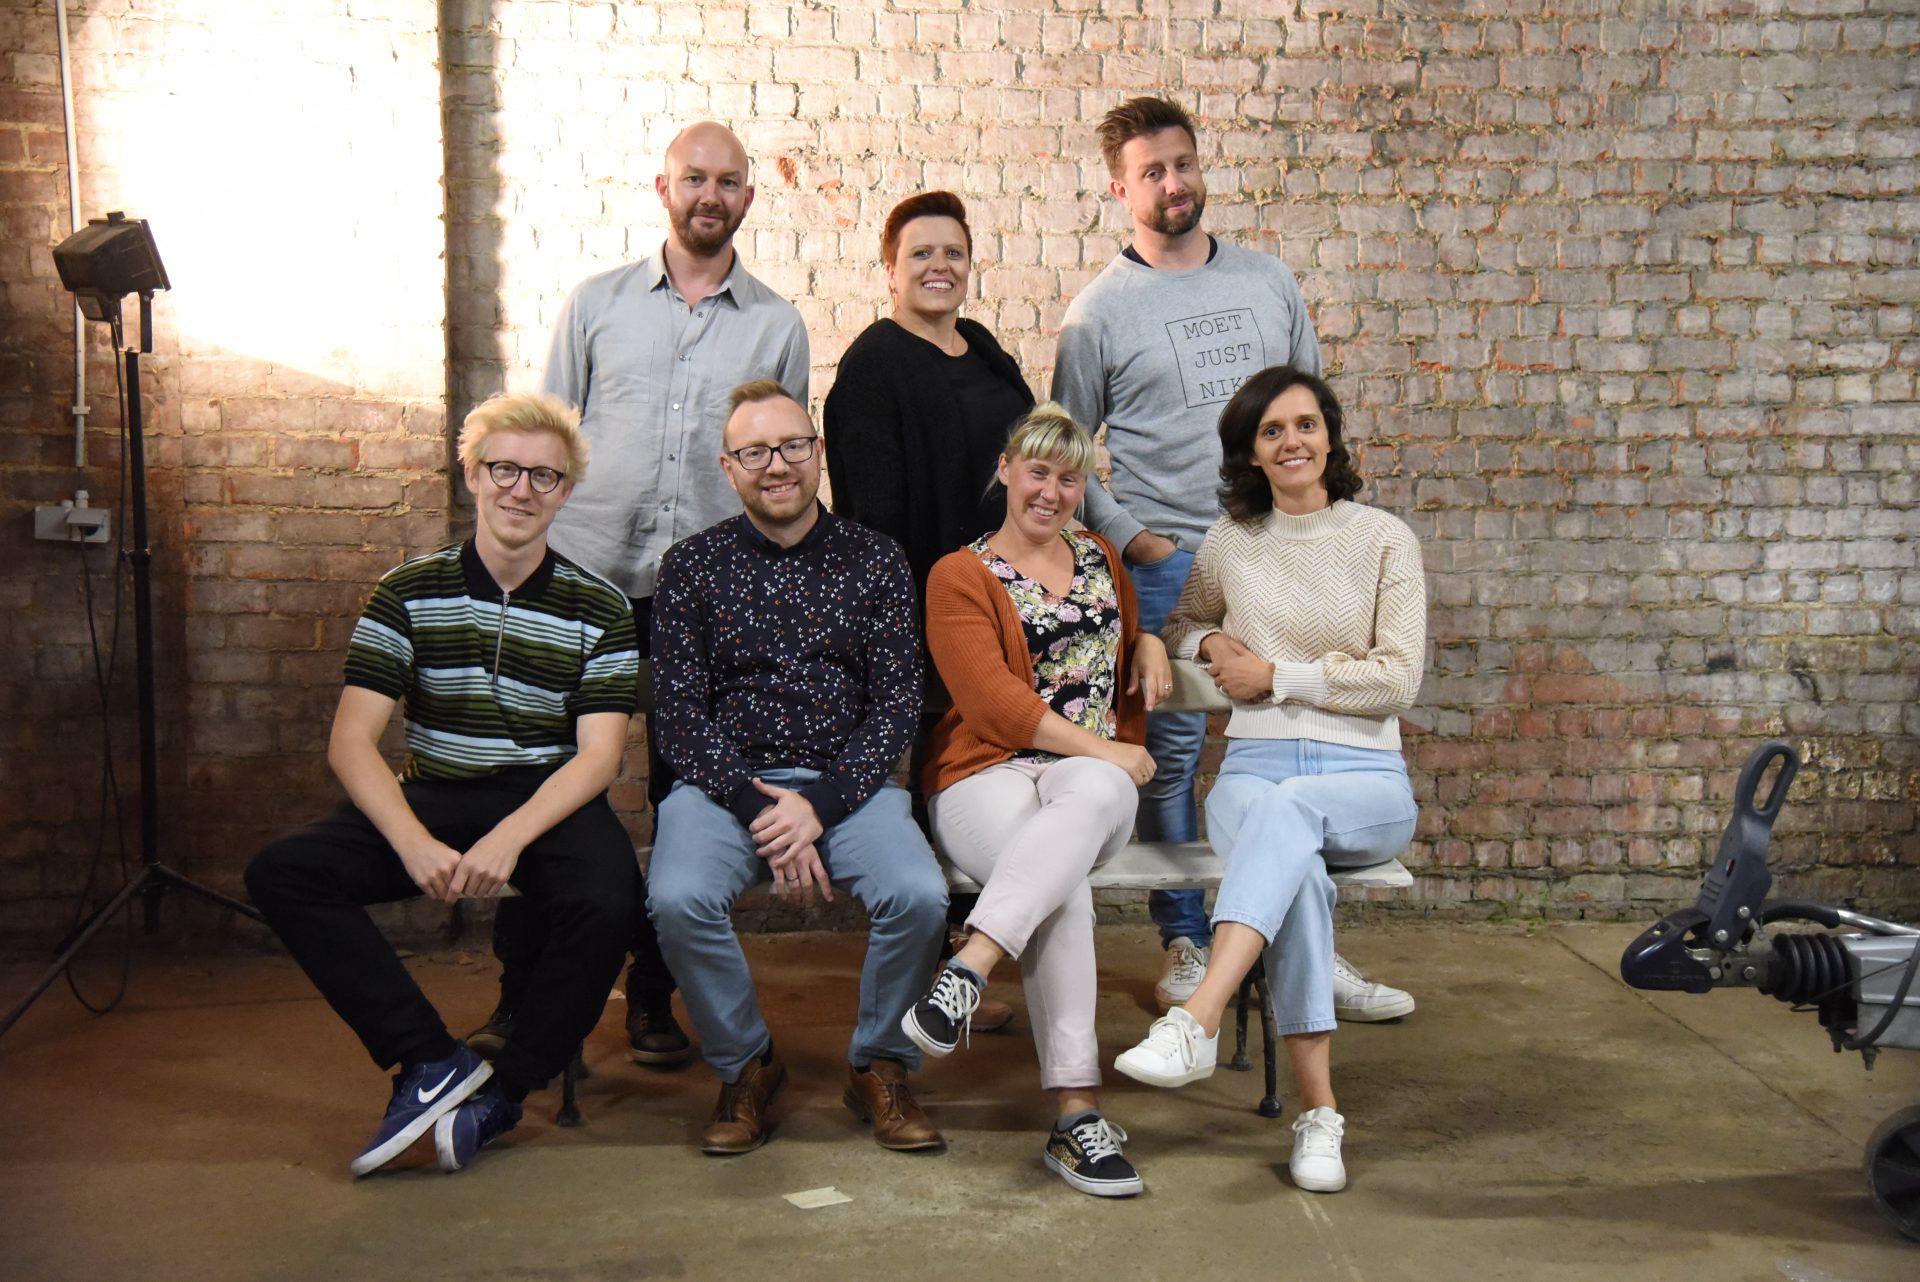 Toneelgroep Gustaaf maakt comeback met eigen versie van Les Misérables